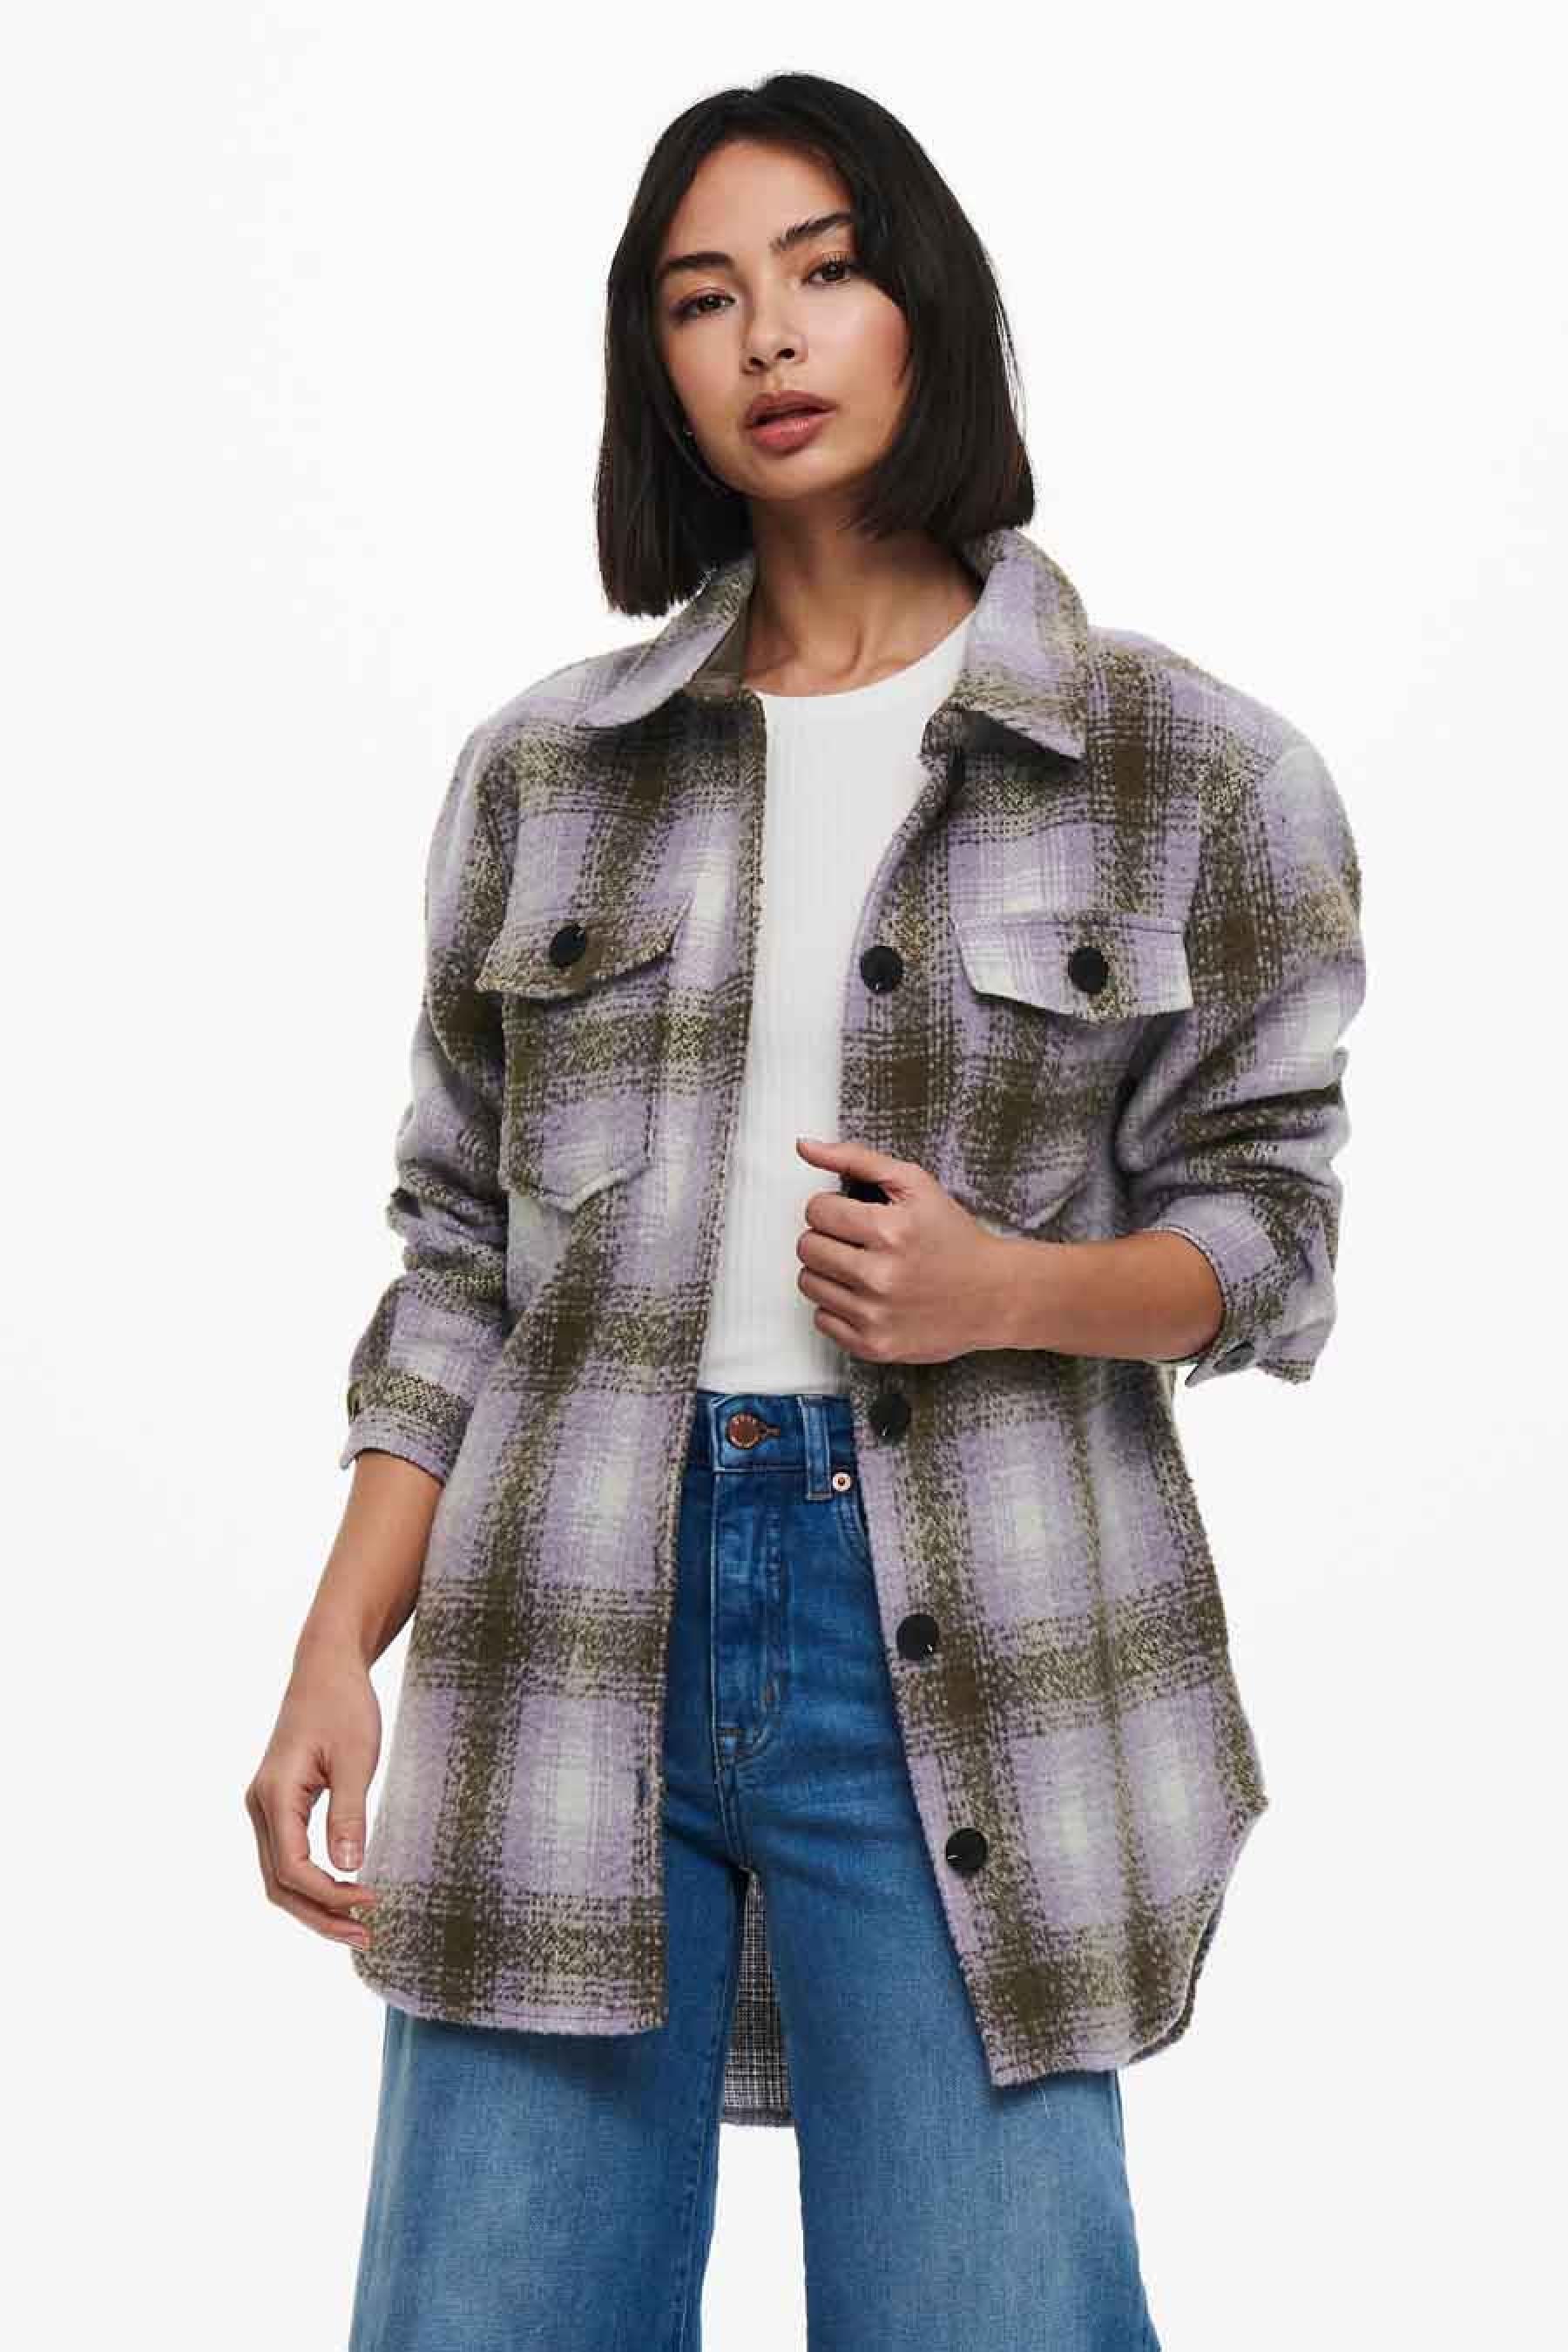 ONLY® Blazer, Wit, Dames, Maat: L/M/S/XS